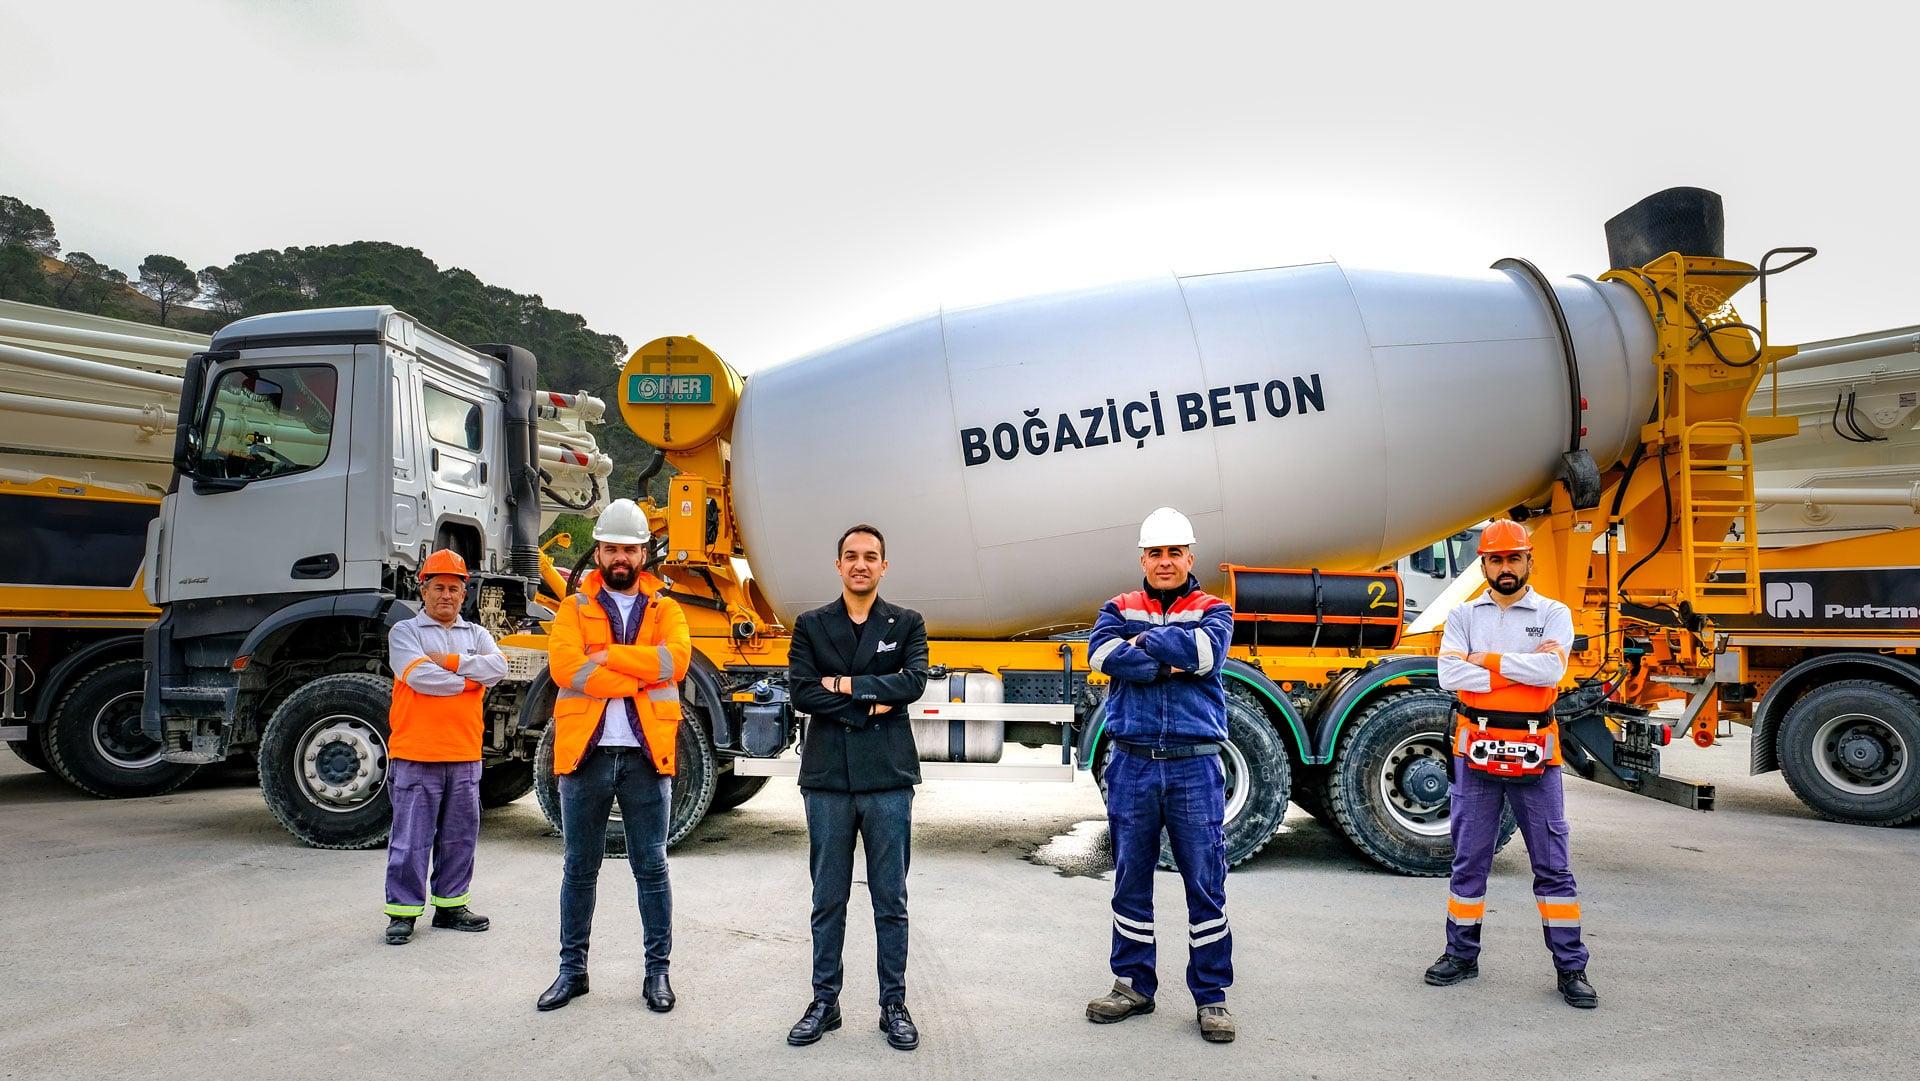 Boğaziçi Beton Borsa İstanbul Yıldız Pazar'da İşlem Görmeye Başladı